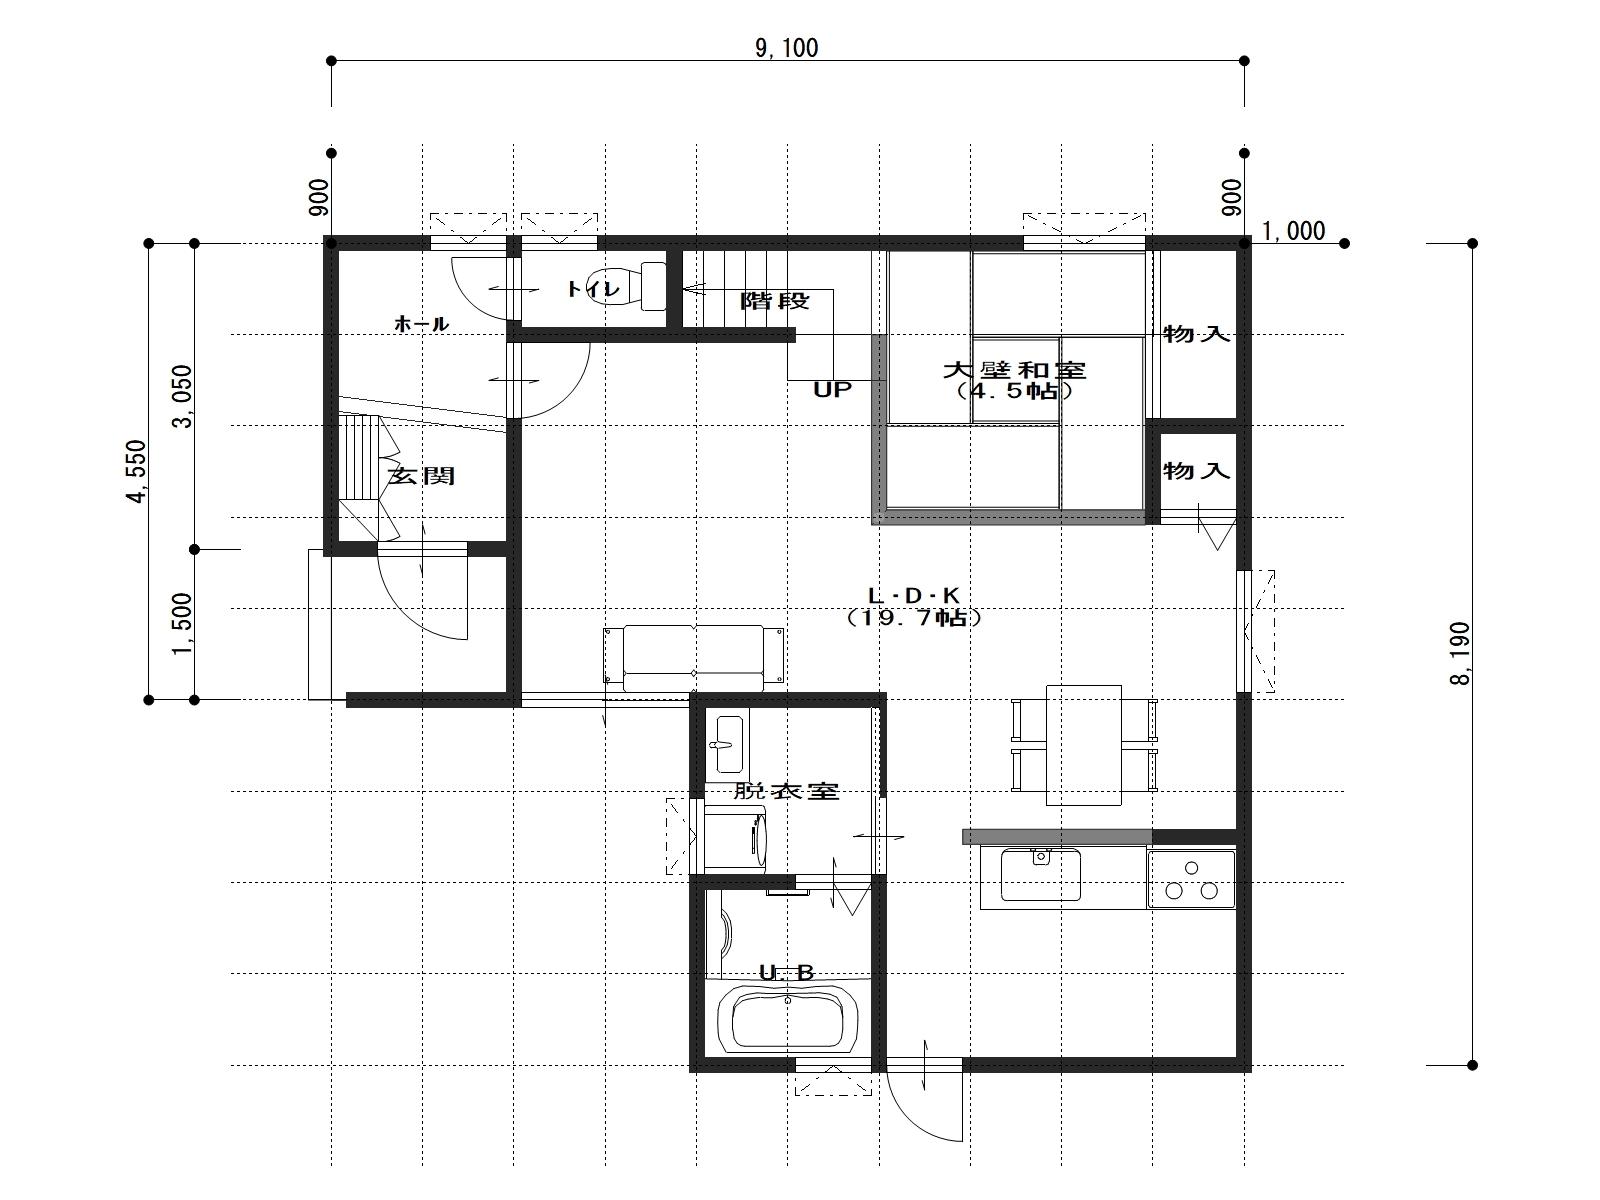 ウエストサイド松永3号地の1階間取り図